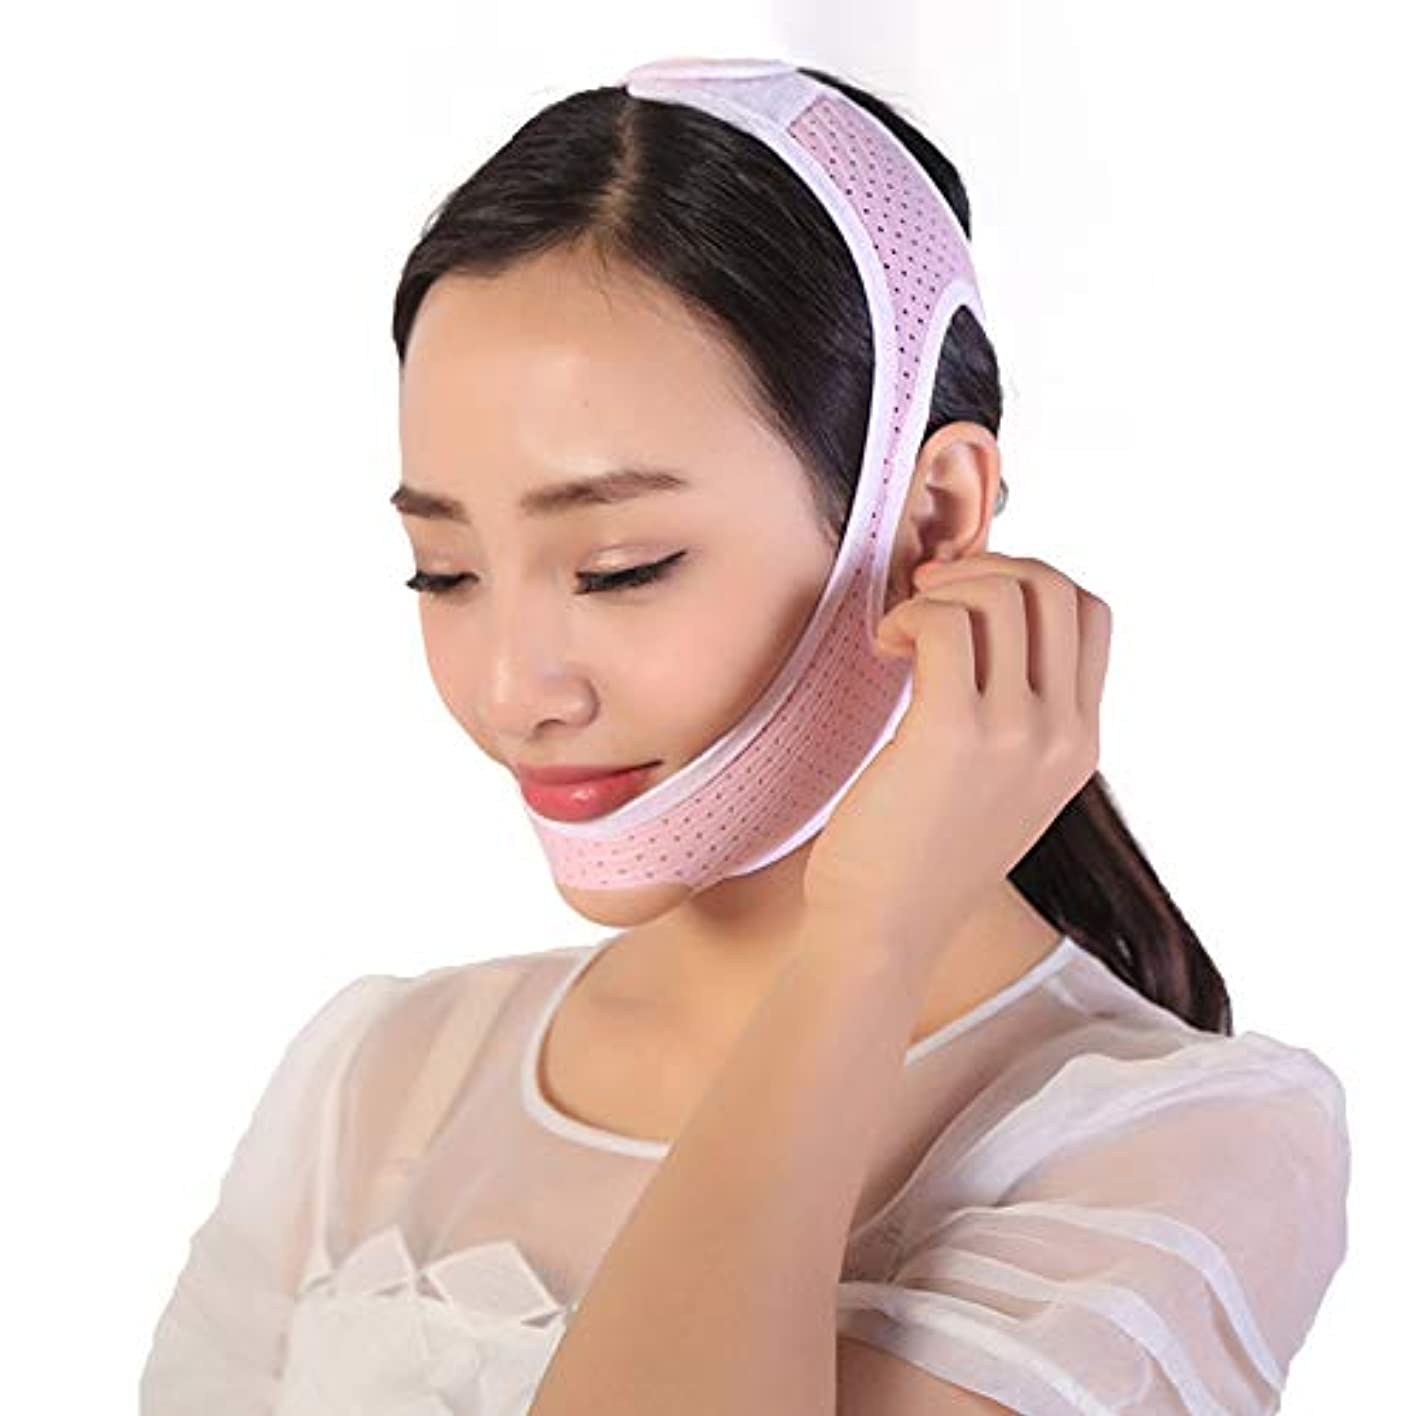 ペレグリネーション廃棄するインターネットGYZ フェイシャルリフティングスリミングベルト - 薄型フェイス包帯ダブルチンデバイスフェイシャルマッサージアンチエイジングリンクルフェイスマスクベルト Thin Face Belt (Size : L)